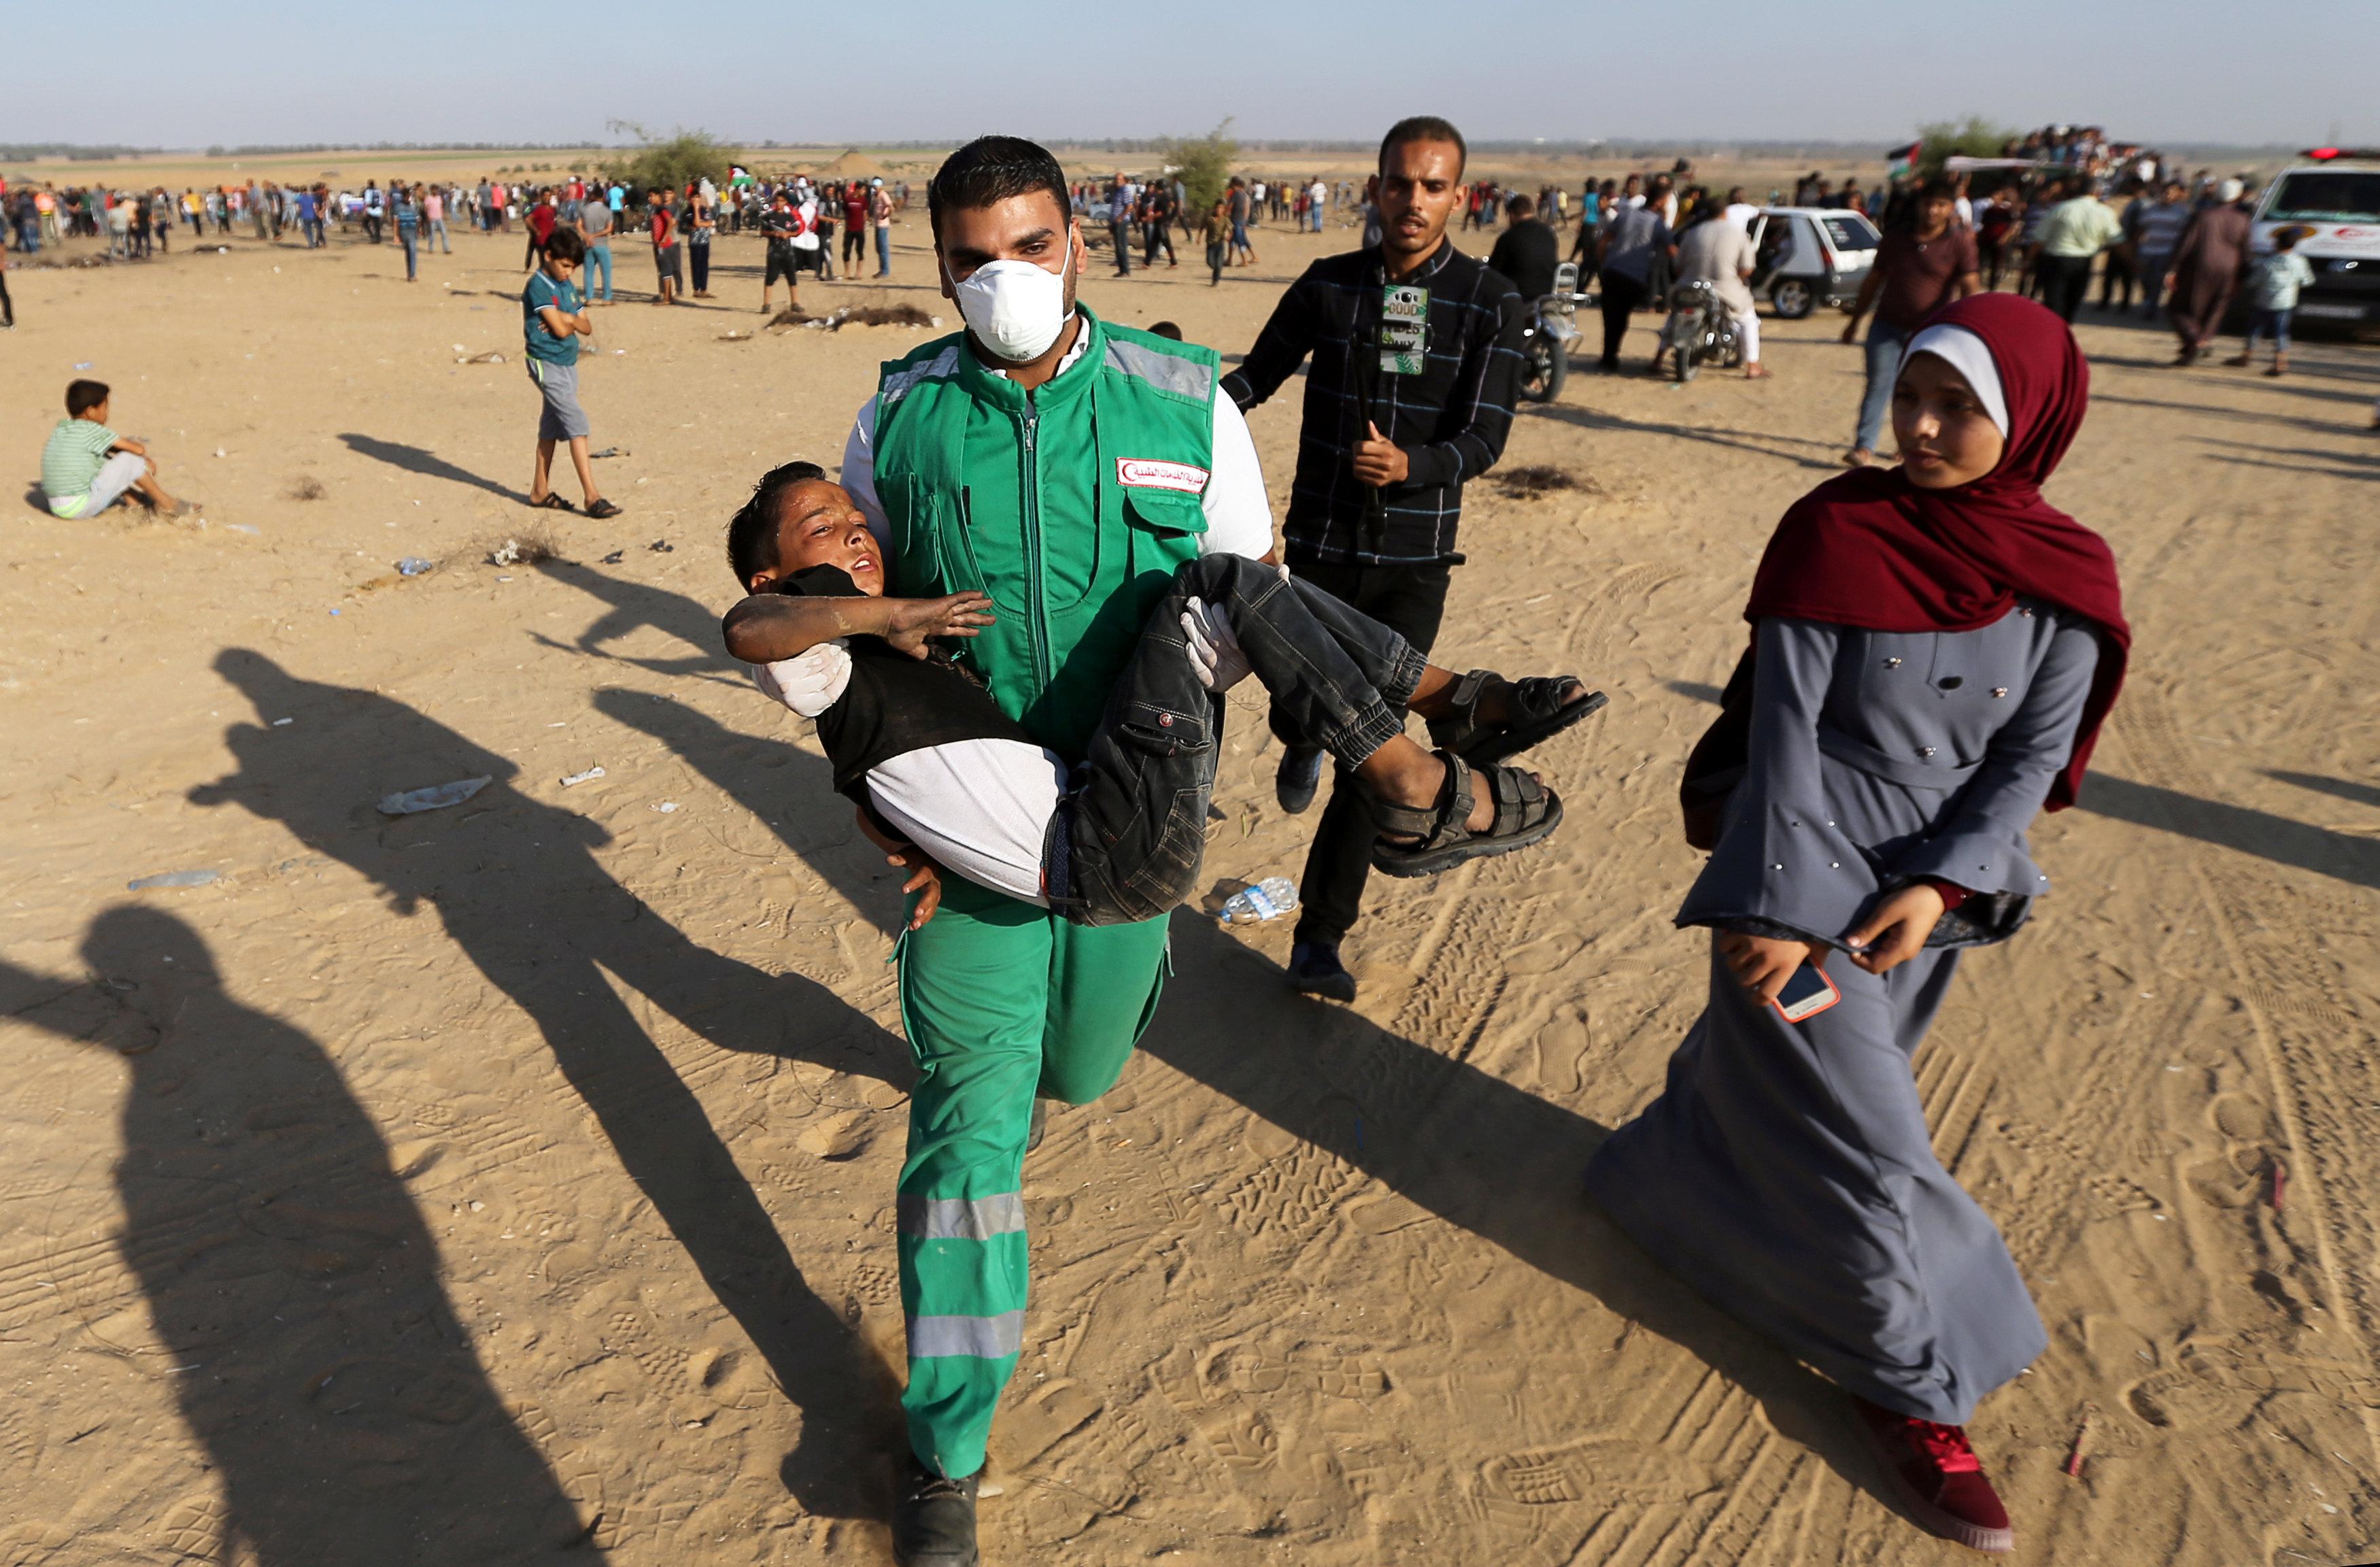 الاشتباكات بين الفلسطينيين والإسرائيليين